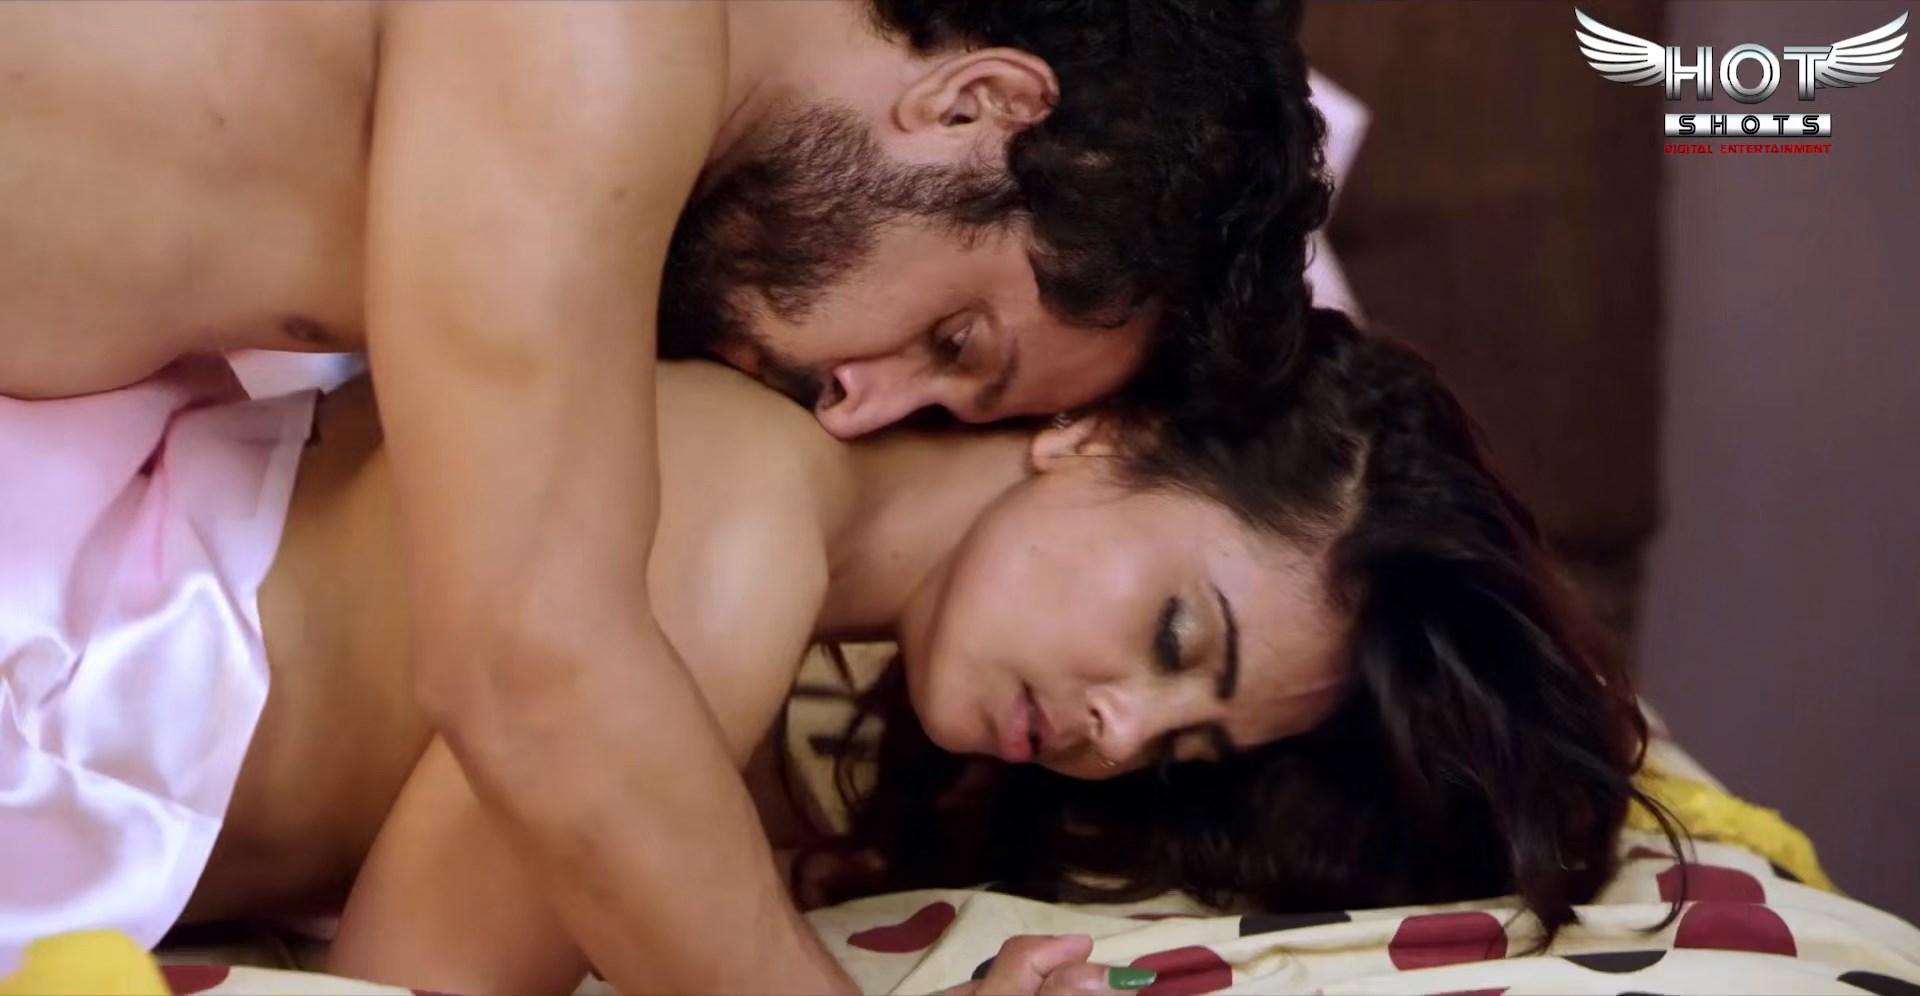 dhrs 5 - 18+ Dream 2020 HotShots Originals Hindi Short Film 720p HDRip 150MB x264 AAC